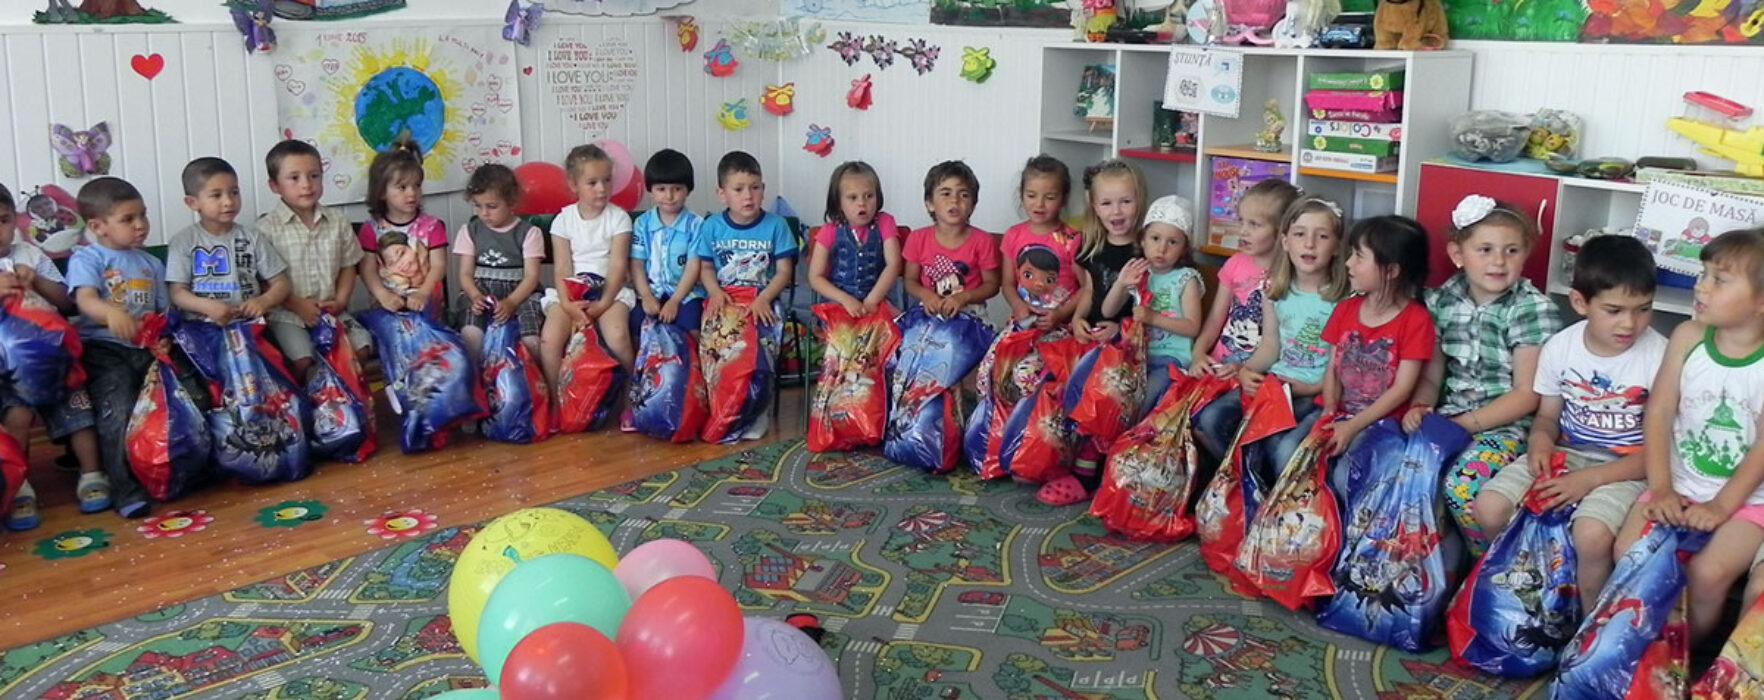 Daruri pentru copii de la Grădiniţa Raciu, oferite de organizaţia de femei PSD Dâmboviţa